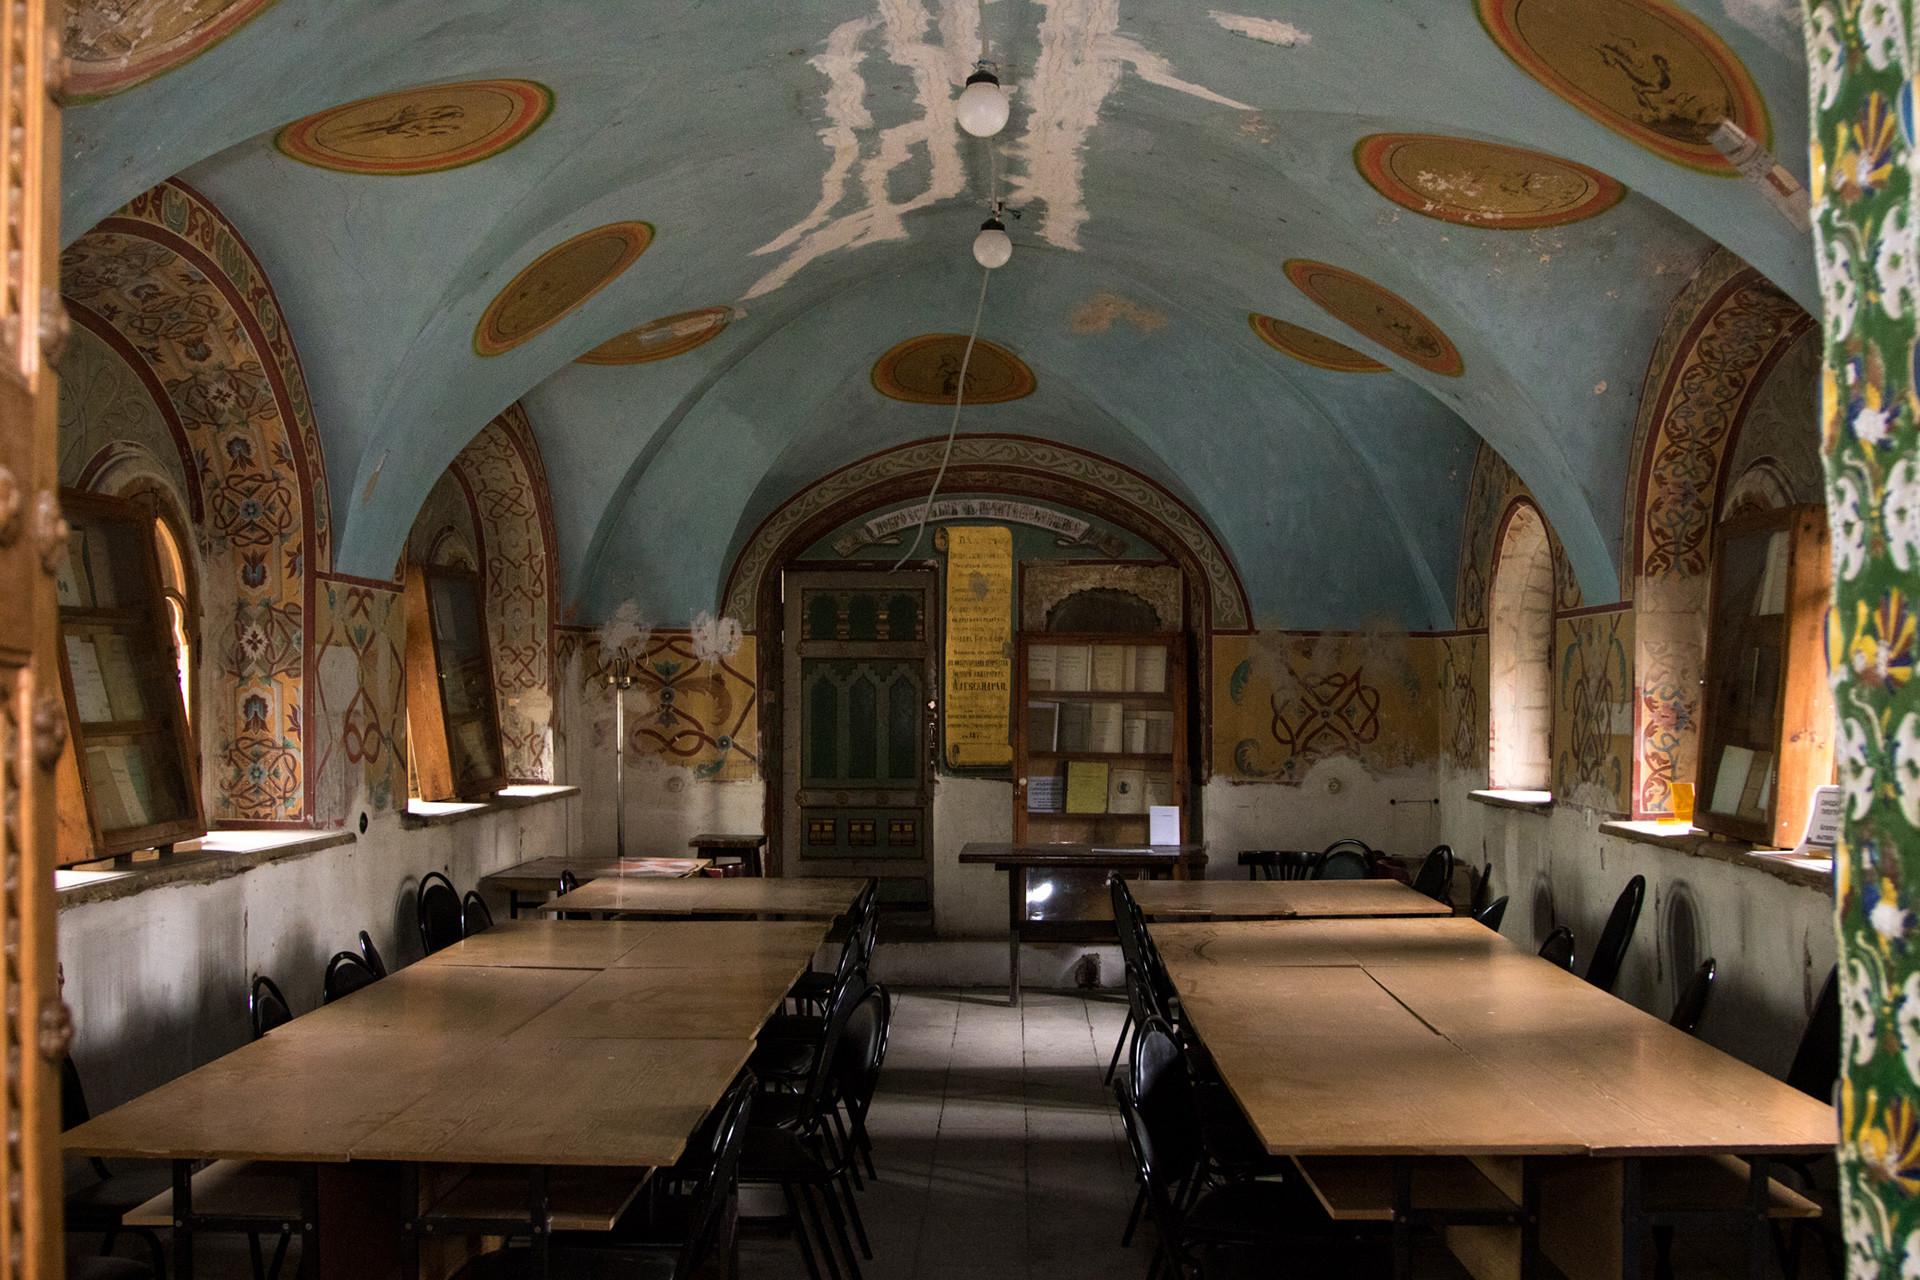 Die Zimmer wurden 1875 mithilfe von Originalbildern und Fliesen restauriert.